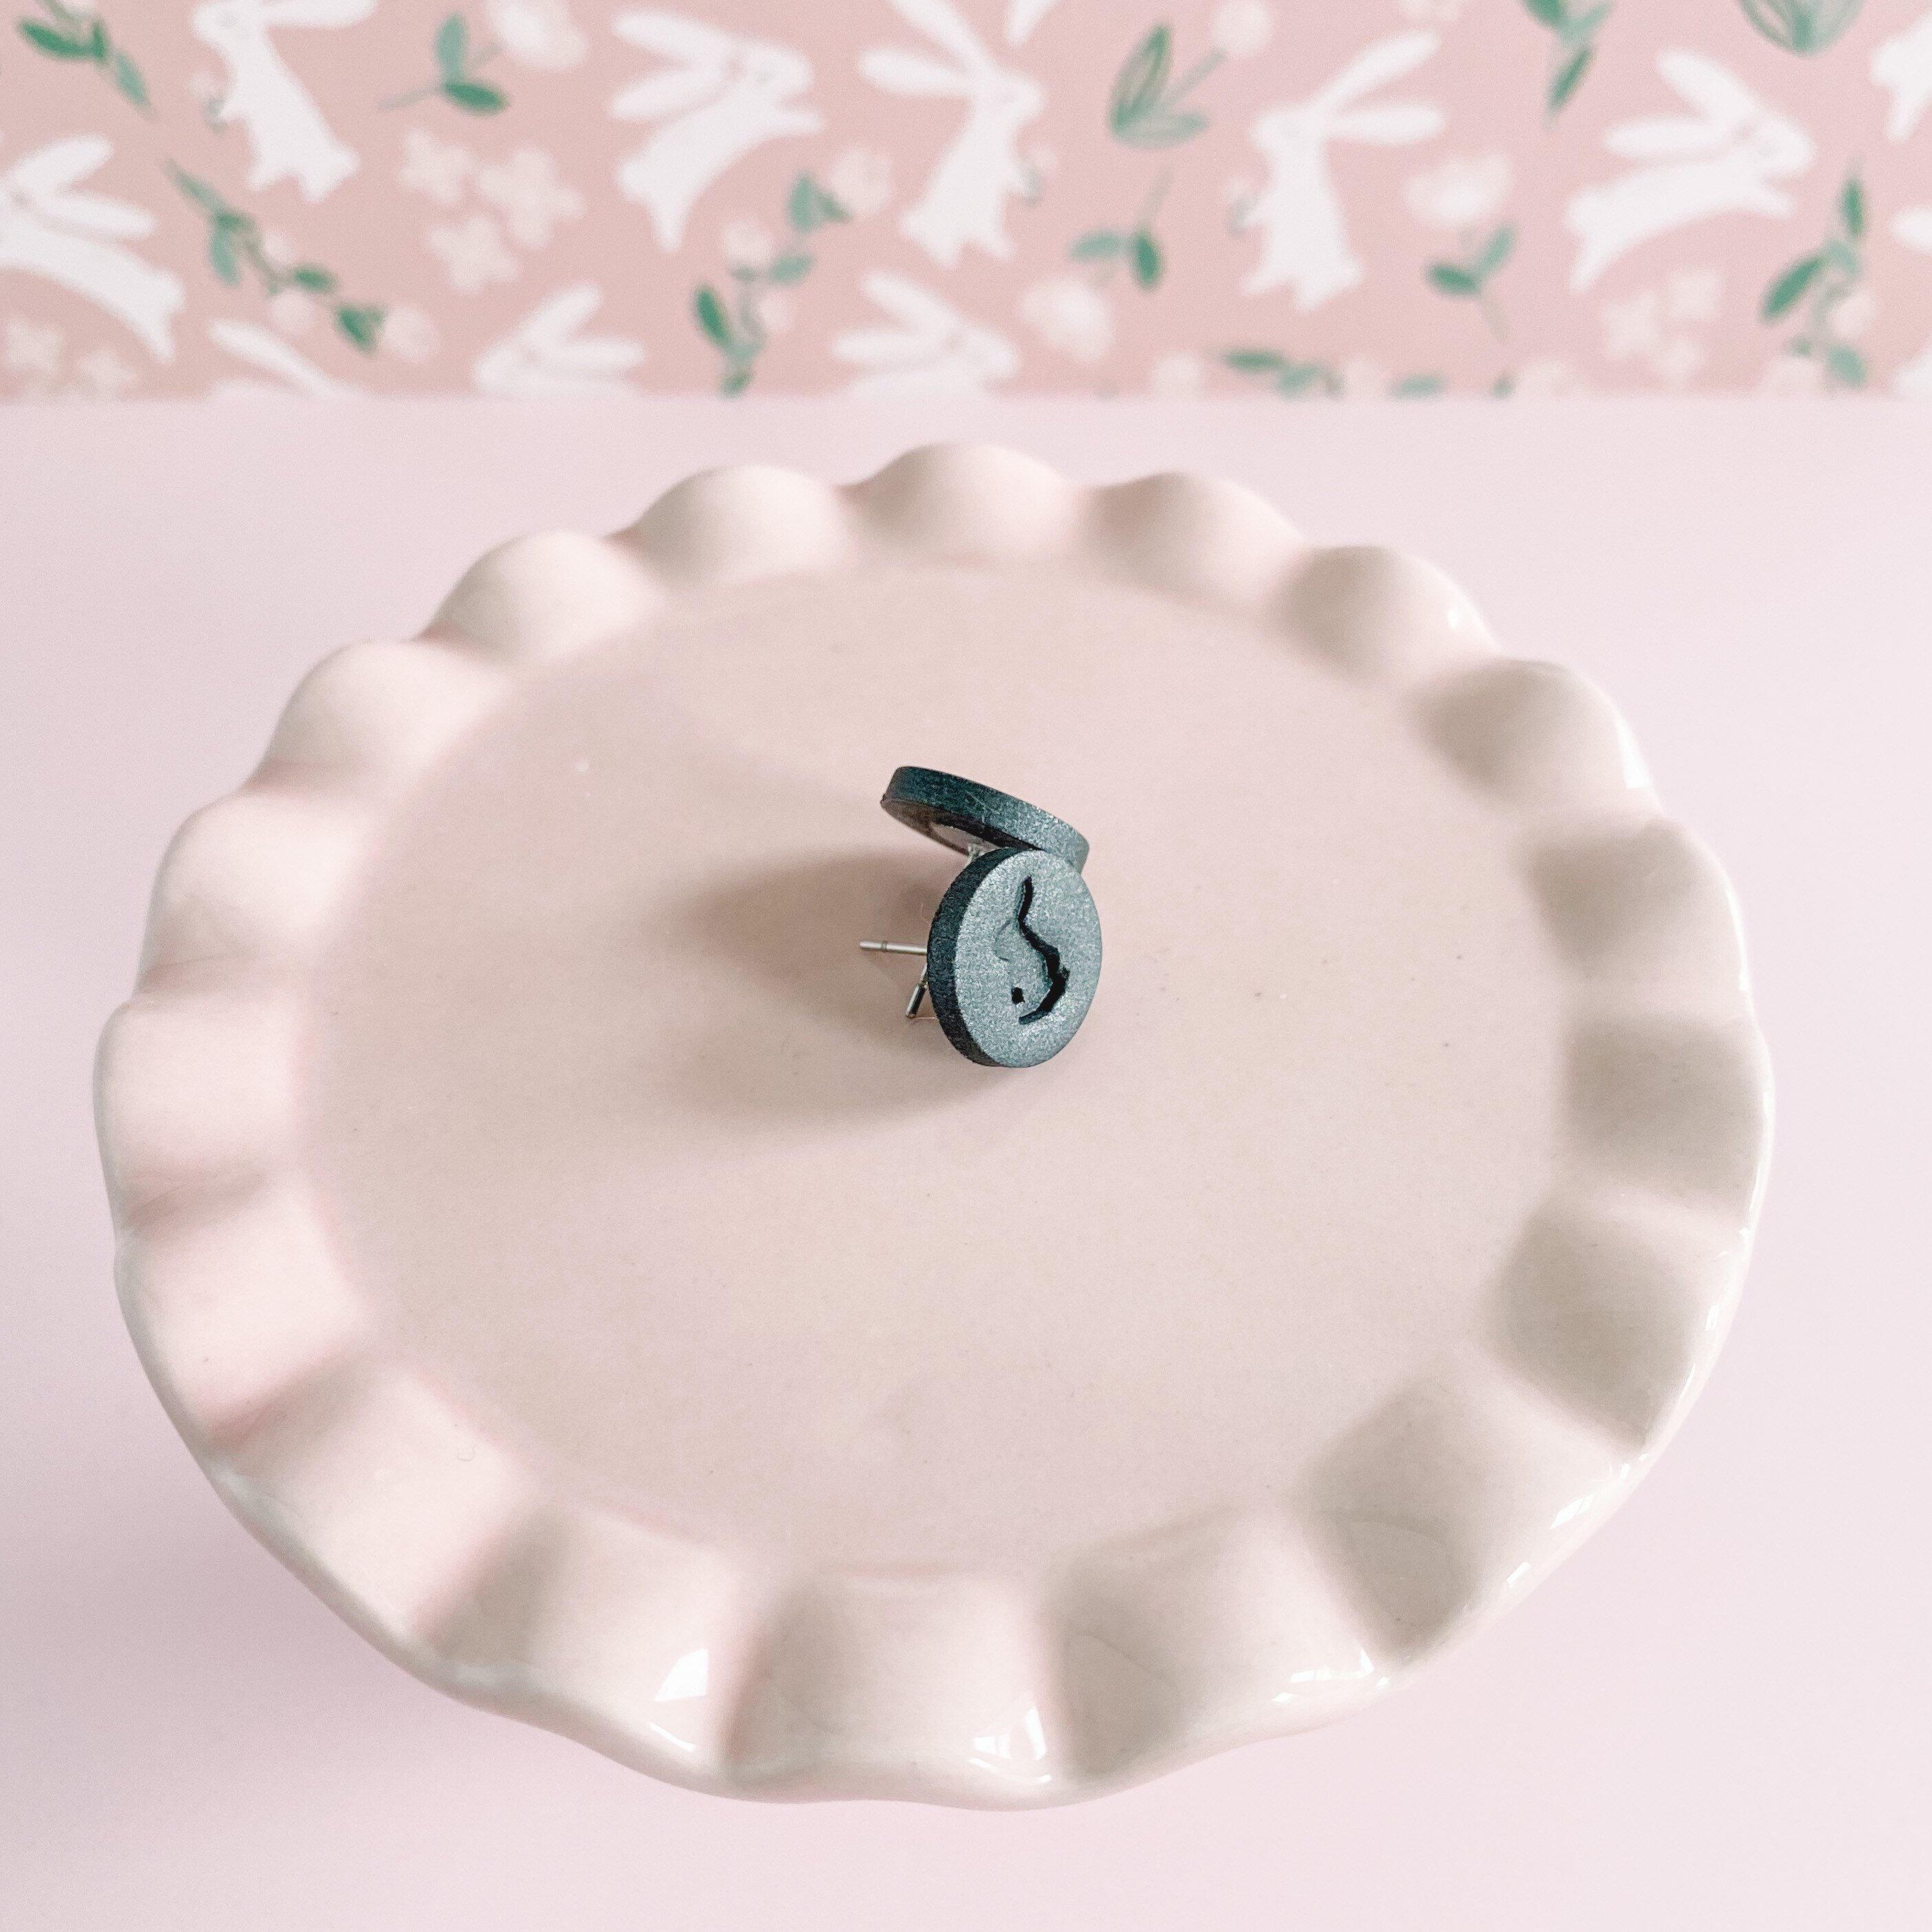 Grey Rabbit Stud Earrings on Pink Display